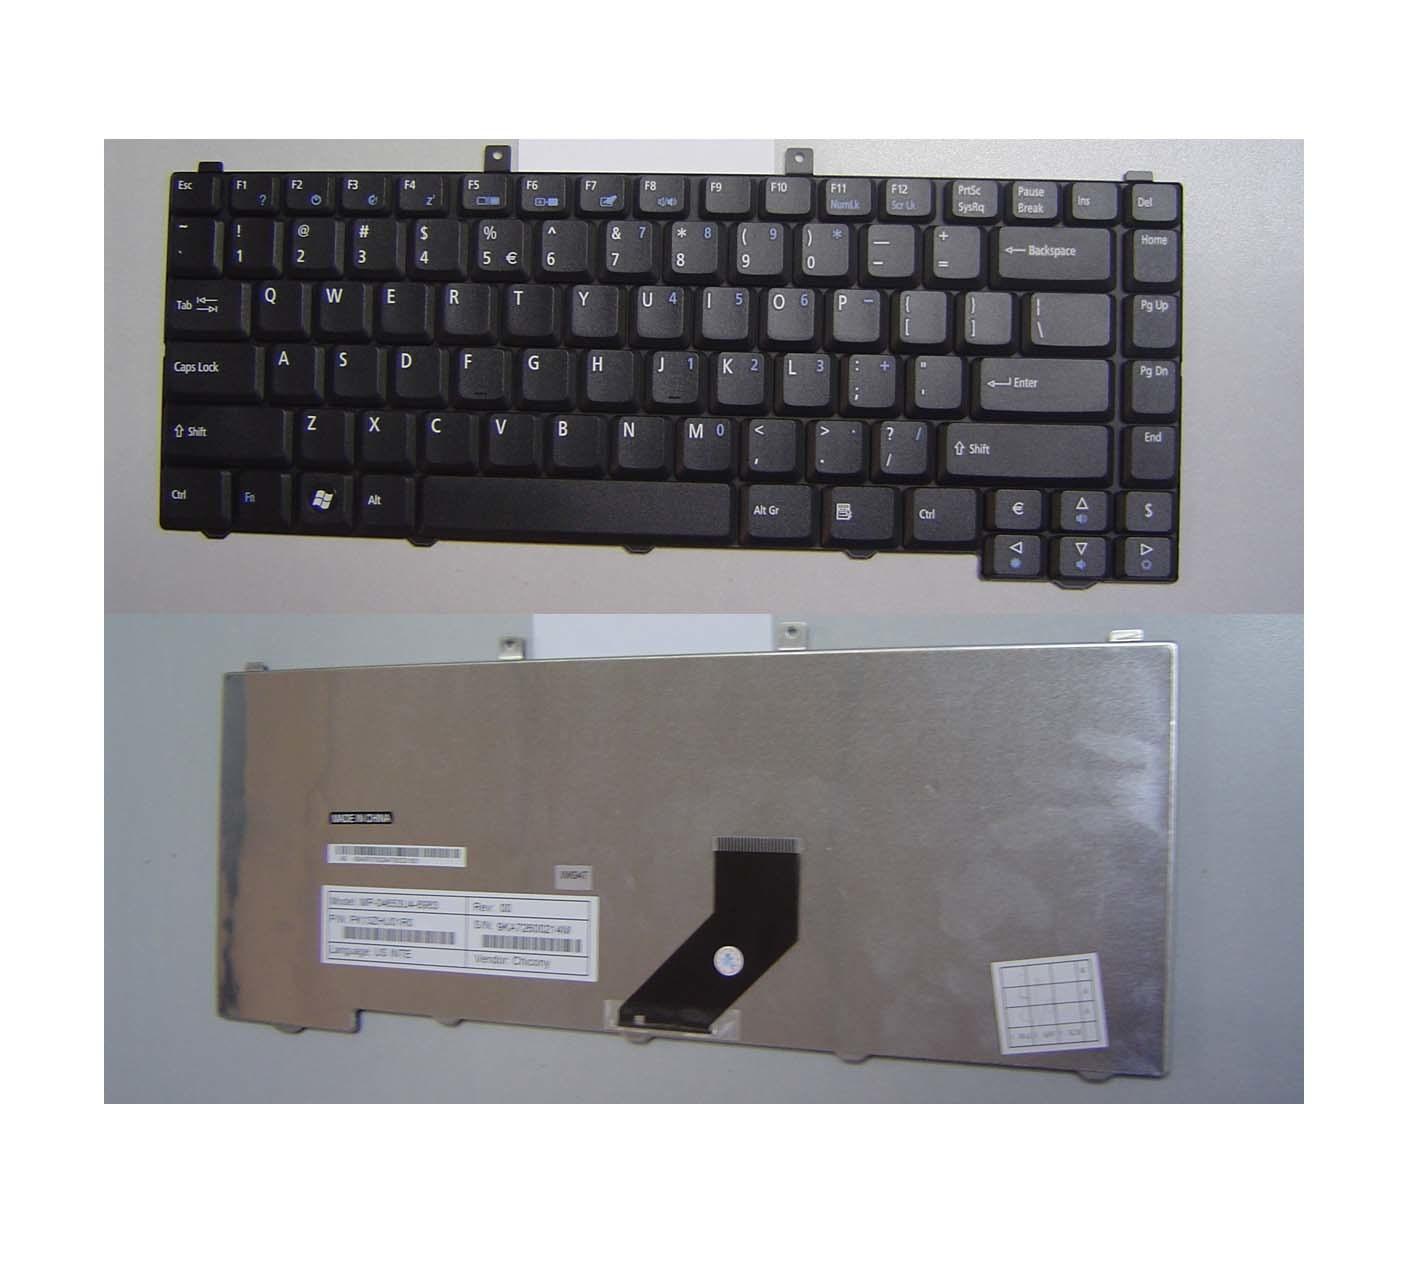 clavier 3610 d 39 ordinateur portable pour l 39 ordinateur portable d 39 acer clavier 3610 d 39 ordinateur. Black Bedroom Furniture Sets. Home Design Ideas